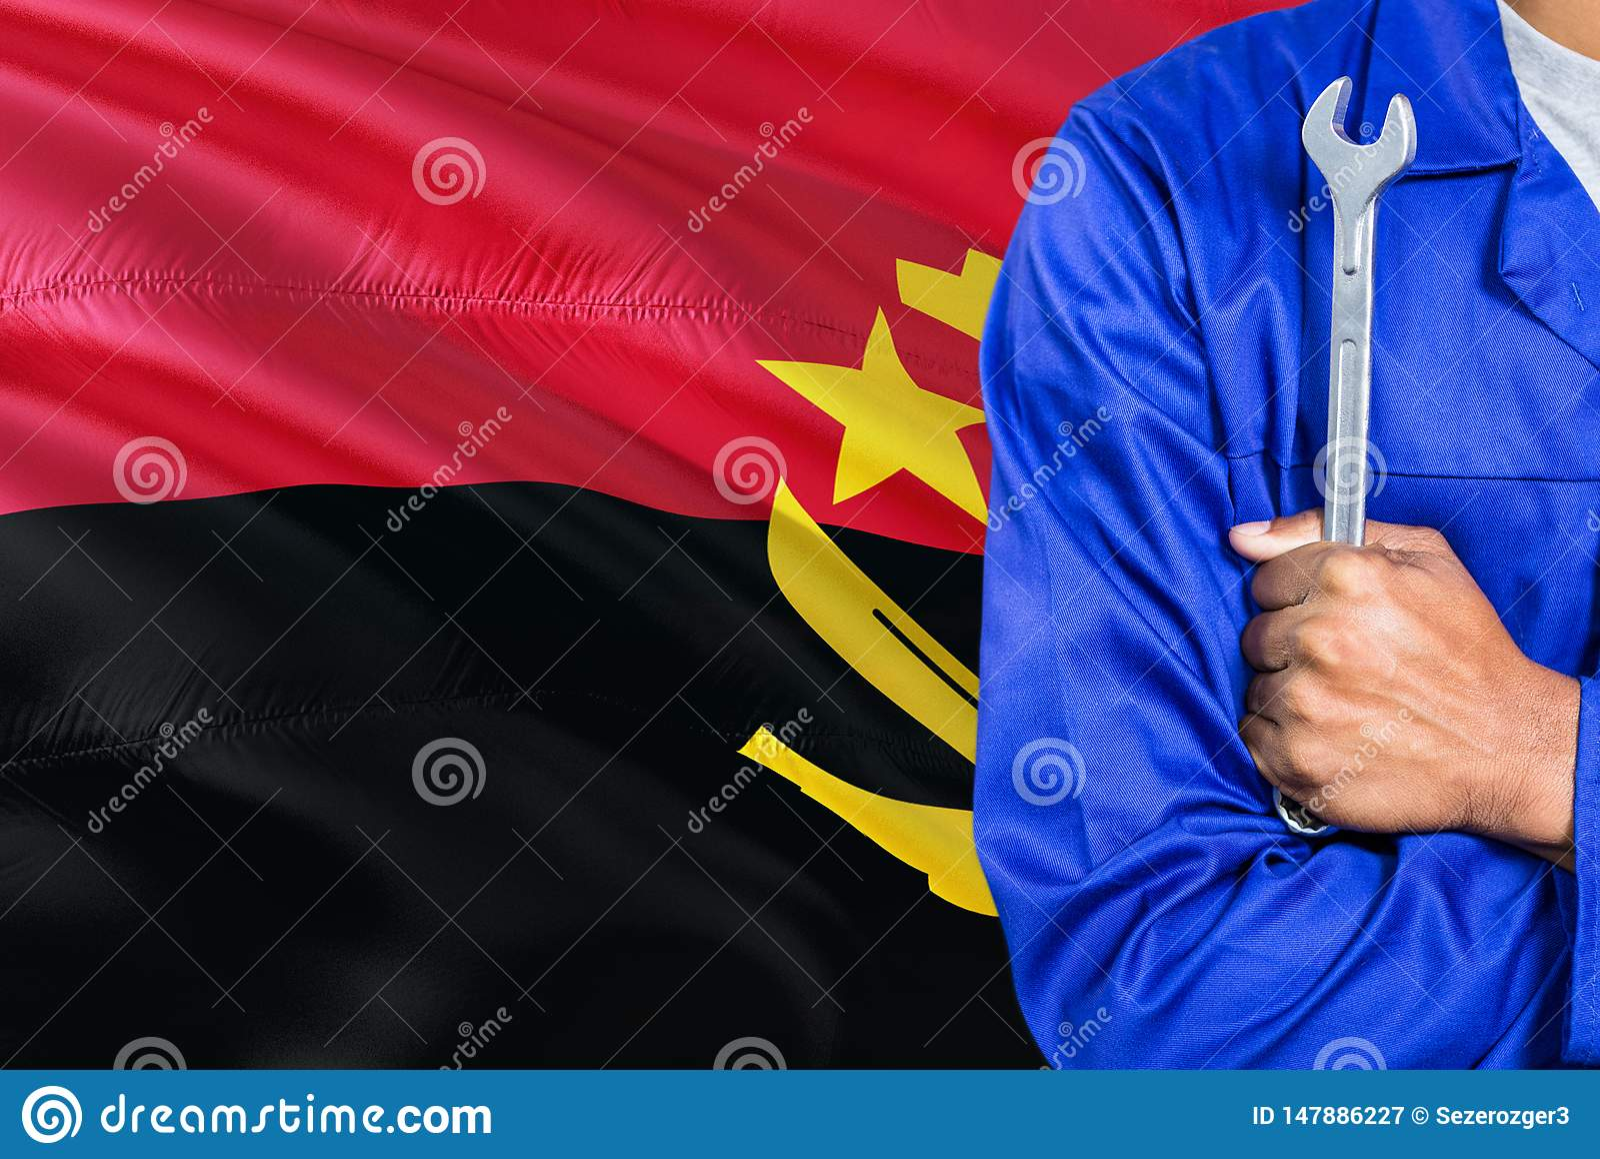 蓝色制服的安哥拉技工拿着板钳反对挥动安哥拉旗子背景 横渡的胳膊技术员